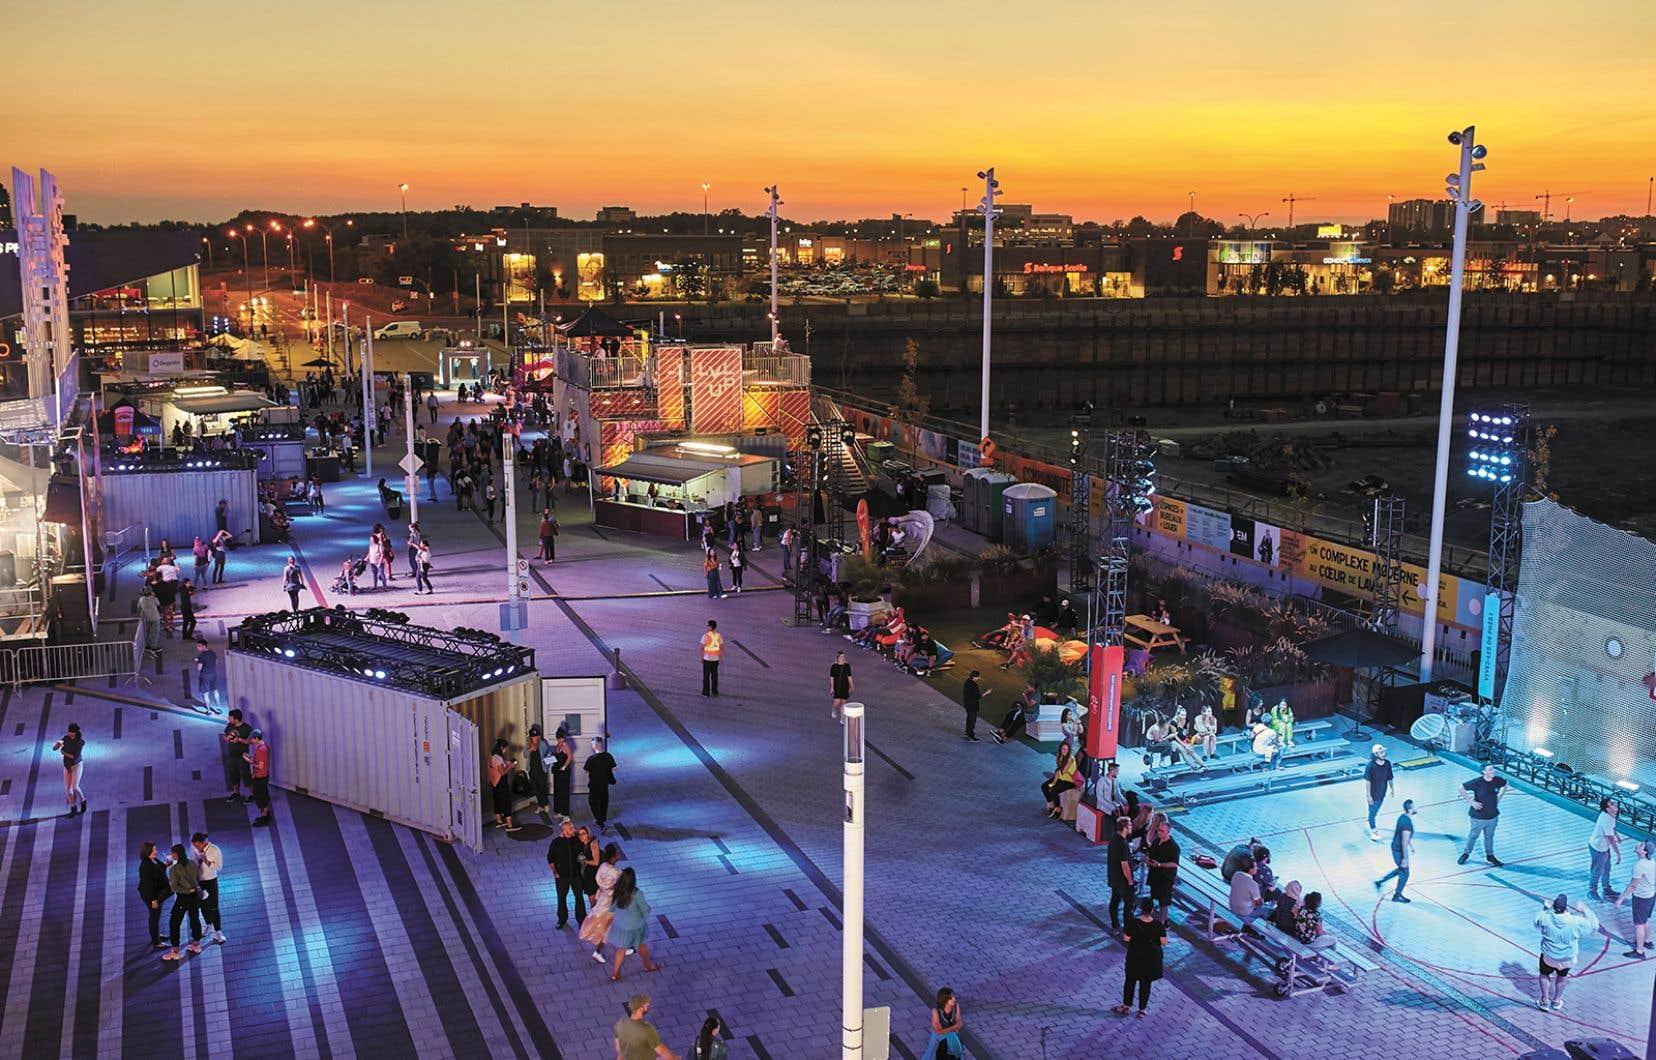 En 2019, la Ville de Laval a entrepris une transformation numérique majeure qui lui permet d'offrir des services personnalisés hautement efficacs à ses citoyens.